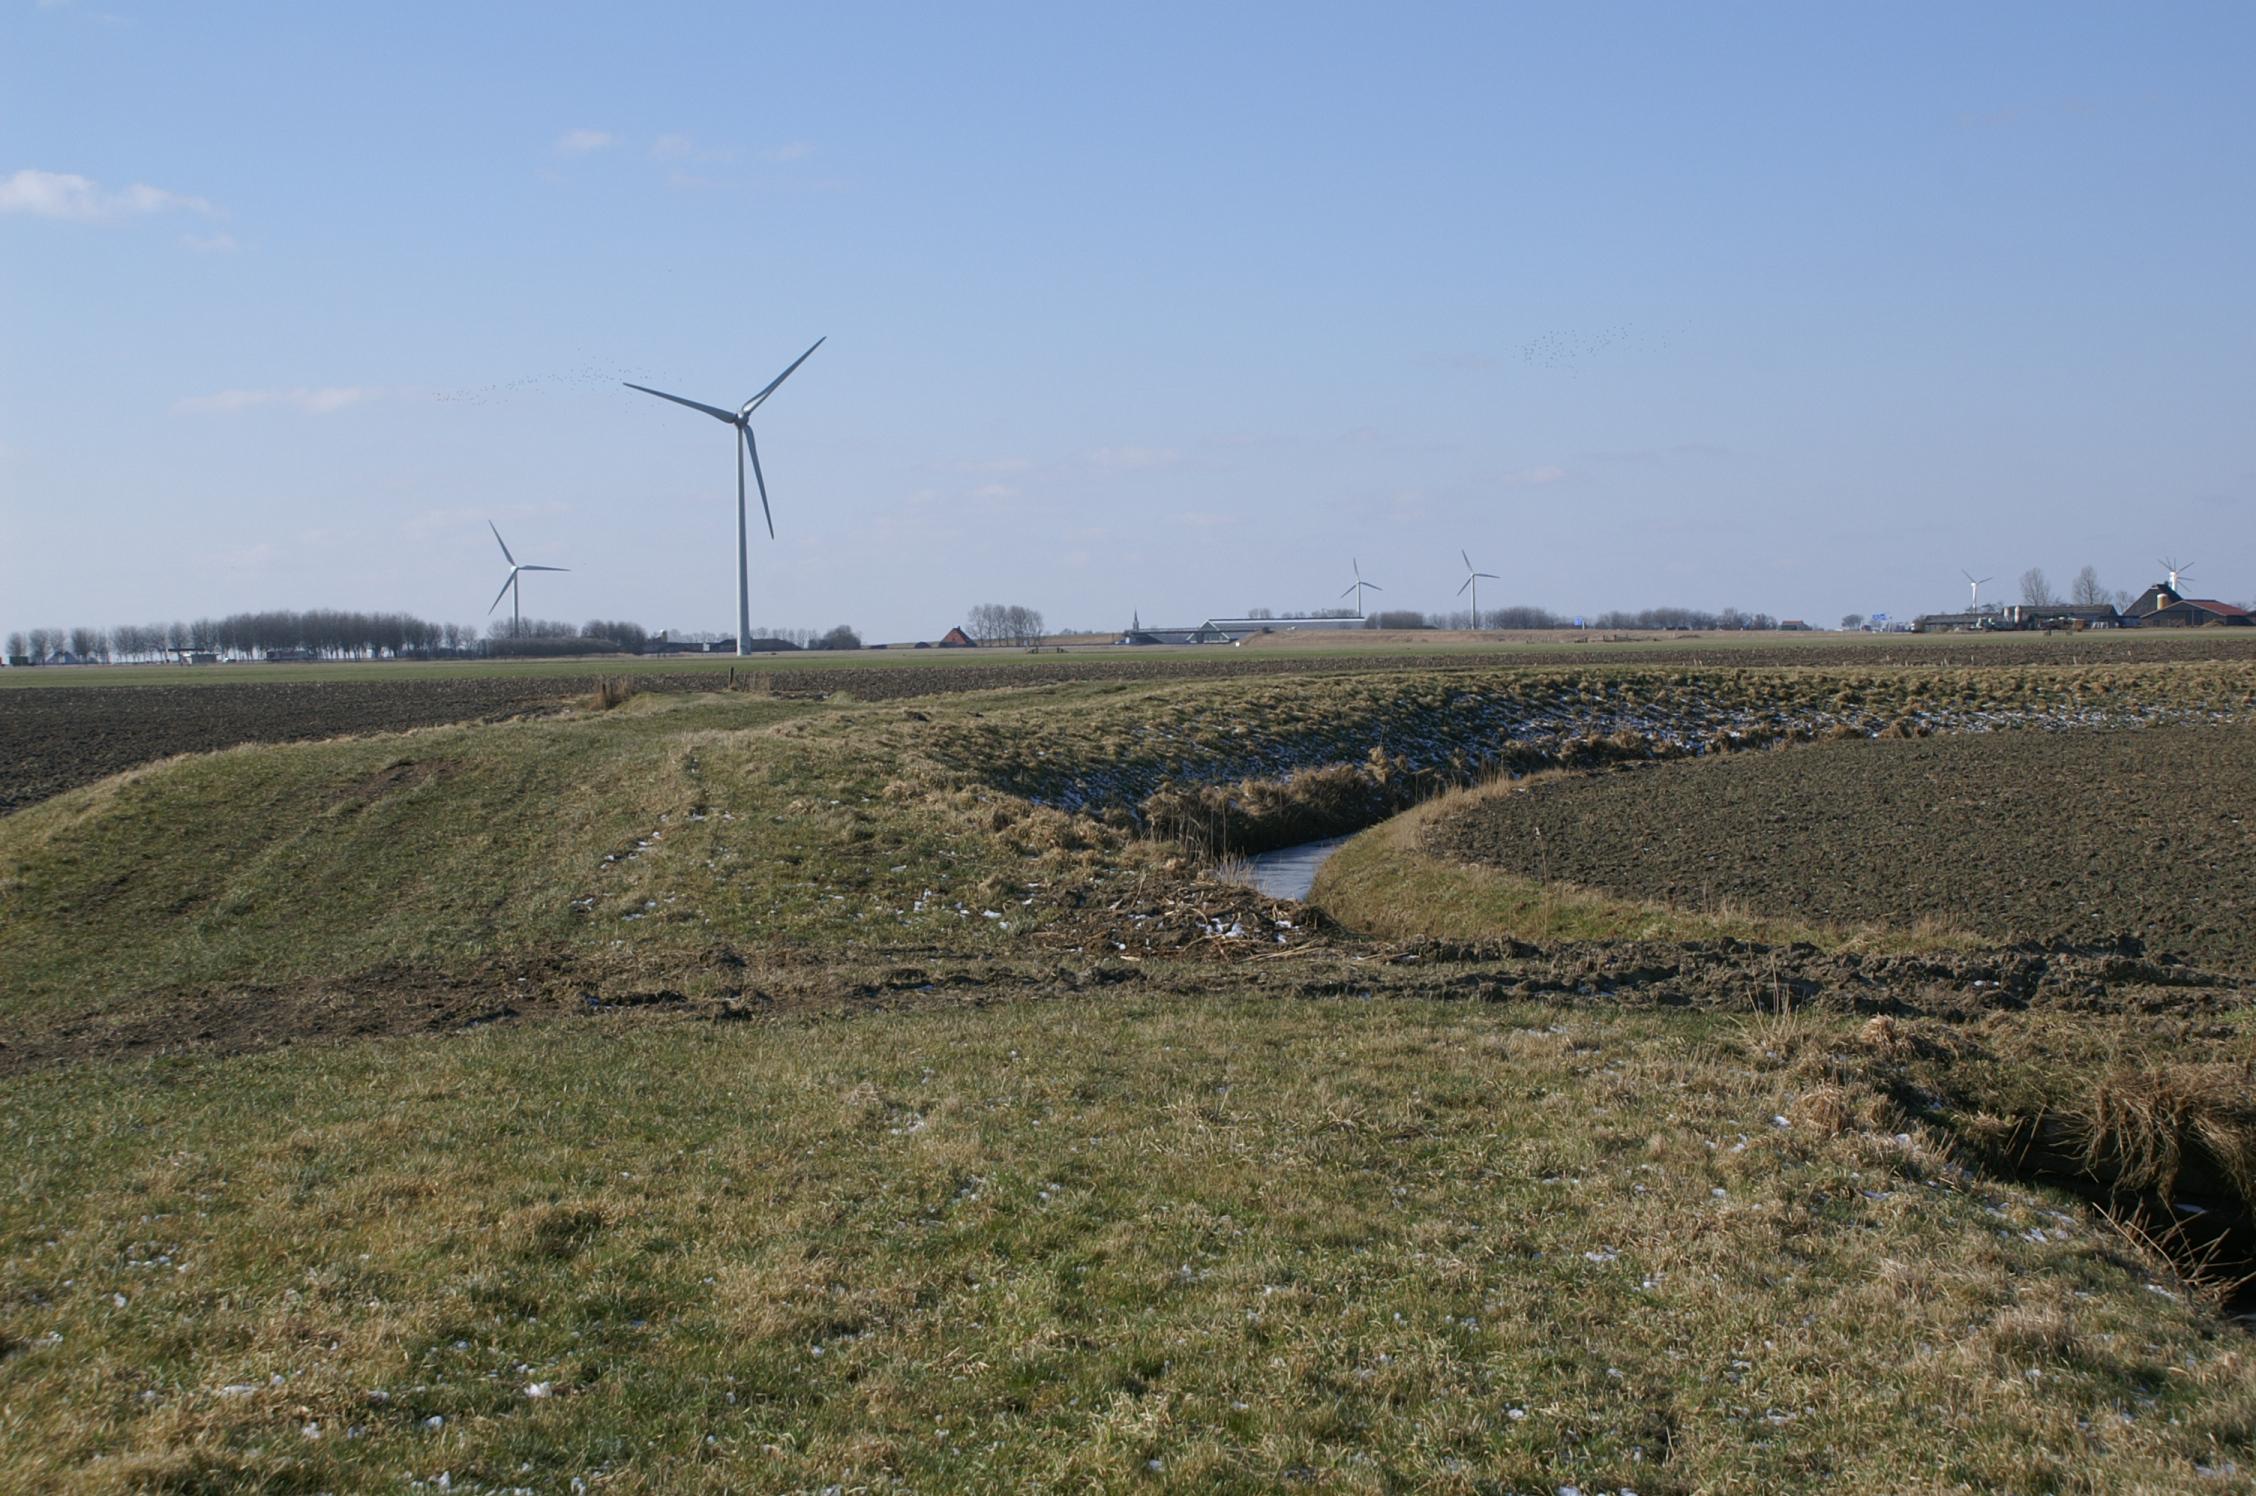 Dezemiddeleeuwse  dijk wordt bedreigd (verzakking, vergraving, gebrek aan onderhoud). Hier kun je natuur en cultuurdoelen dienen. Dijk Pingjumer Gulden Halsband, Pingjum Friesland. Foto: Sjolle Wieringa